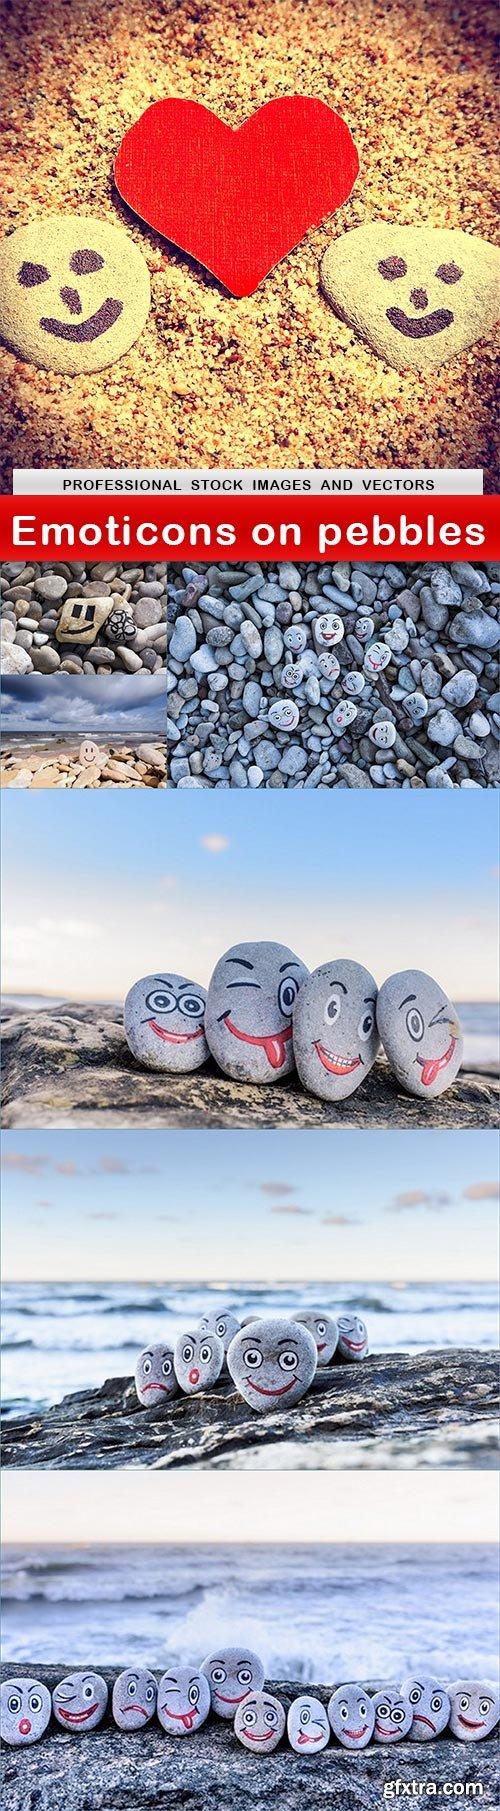 Emoticons on pebbles - 7 UHQ JPEG